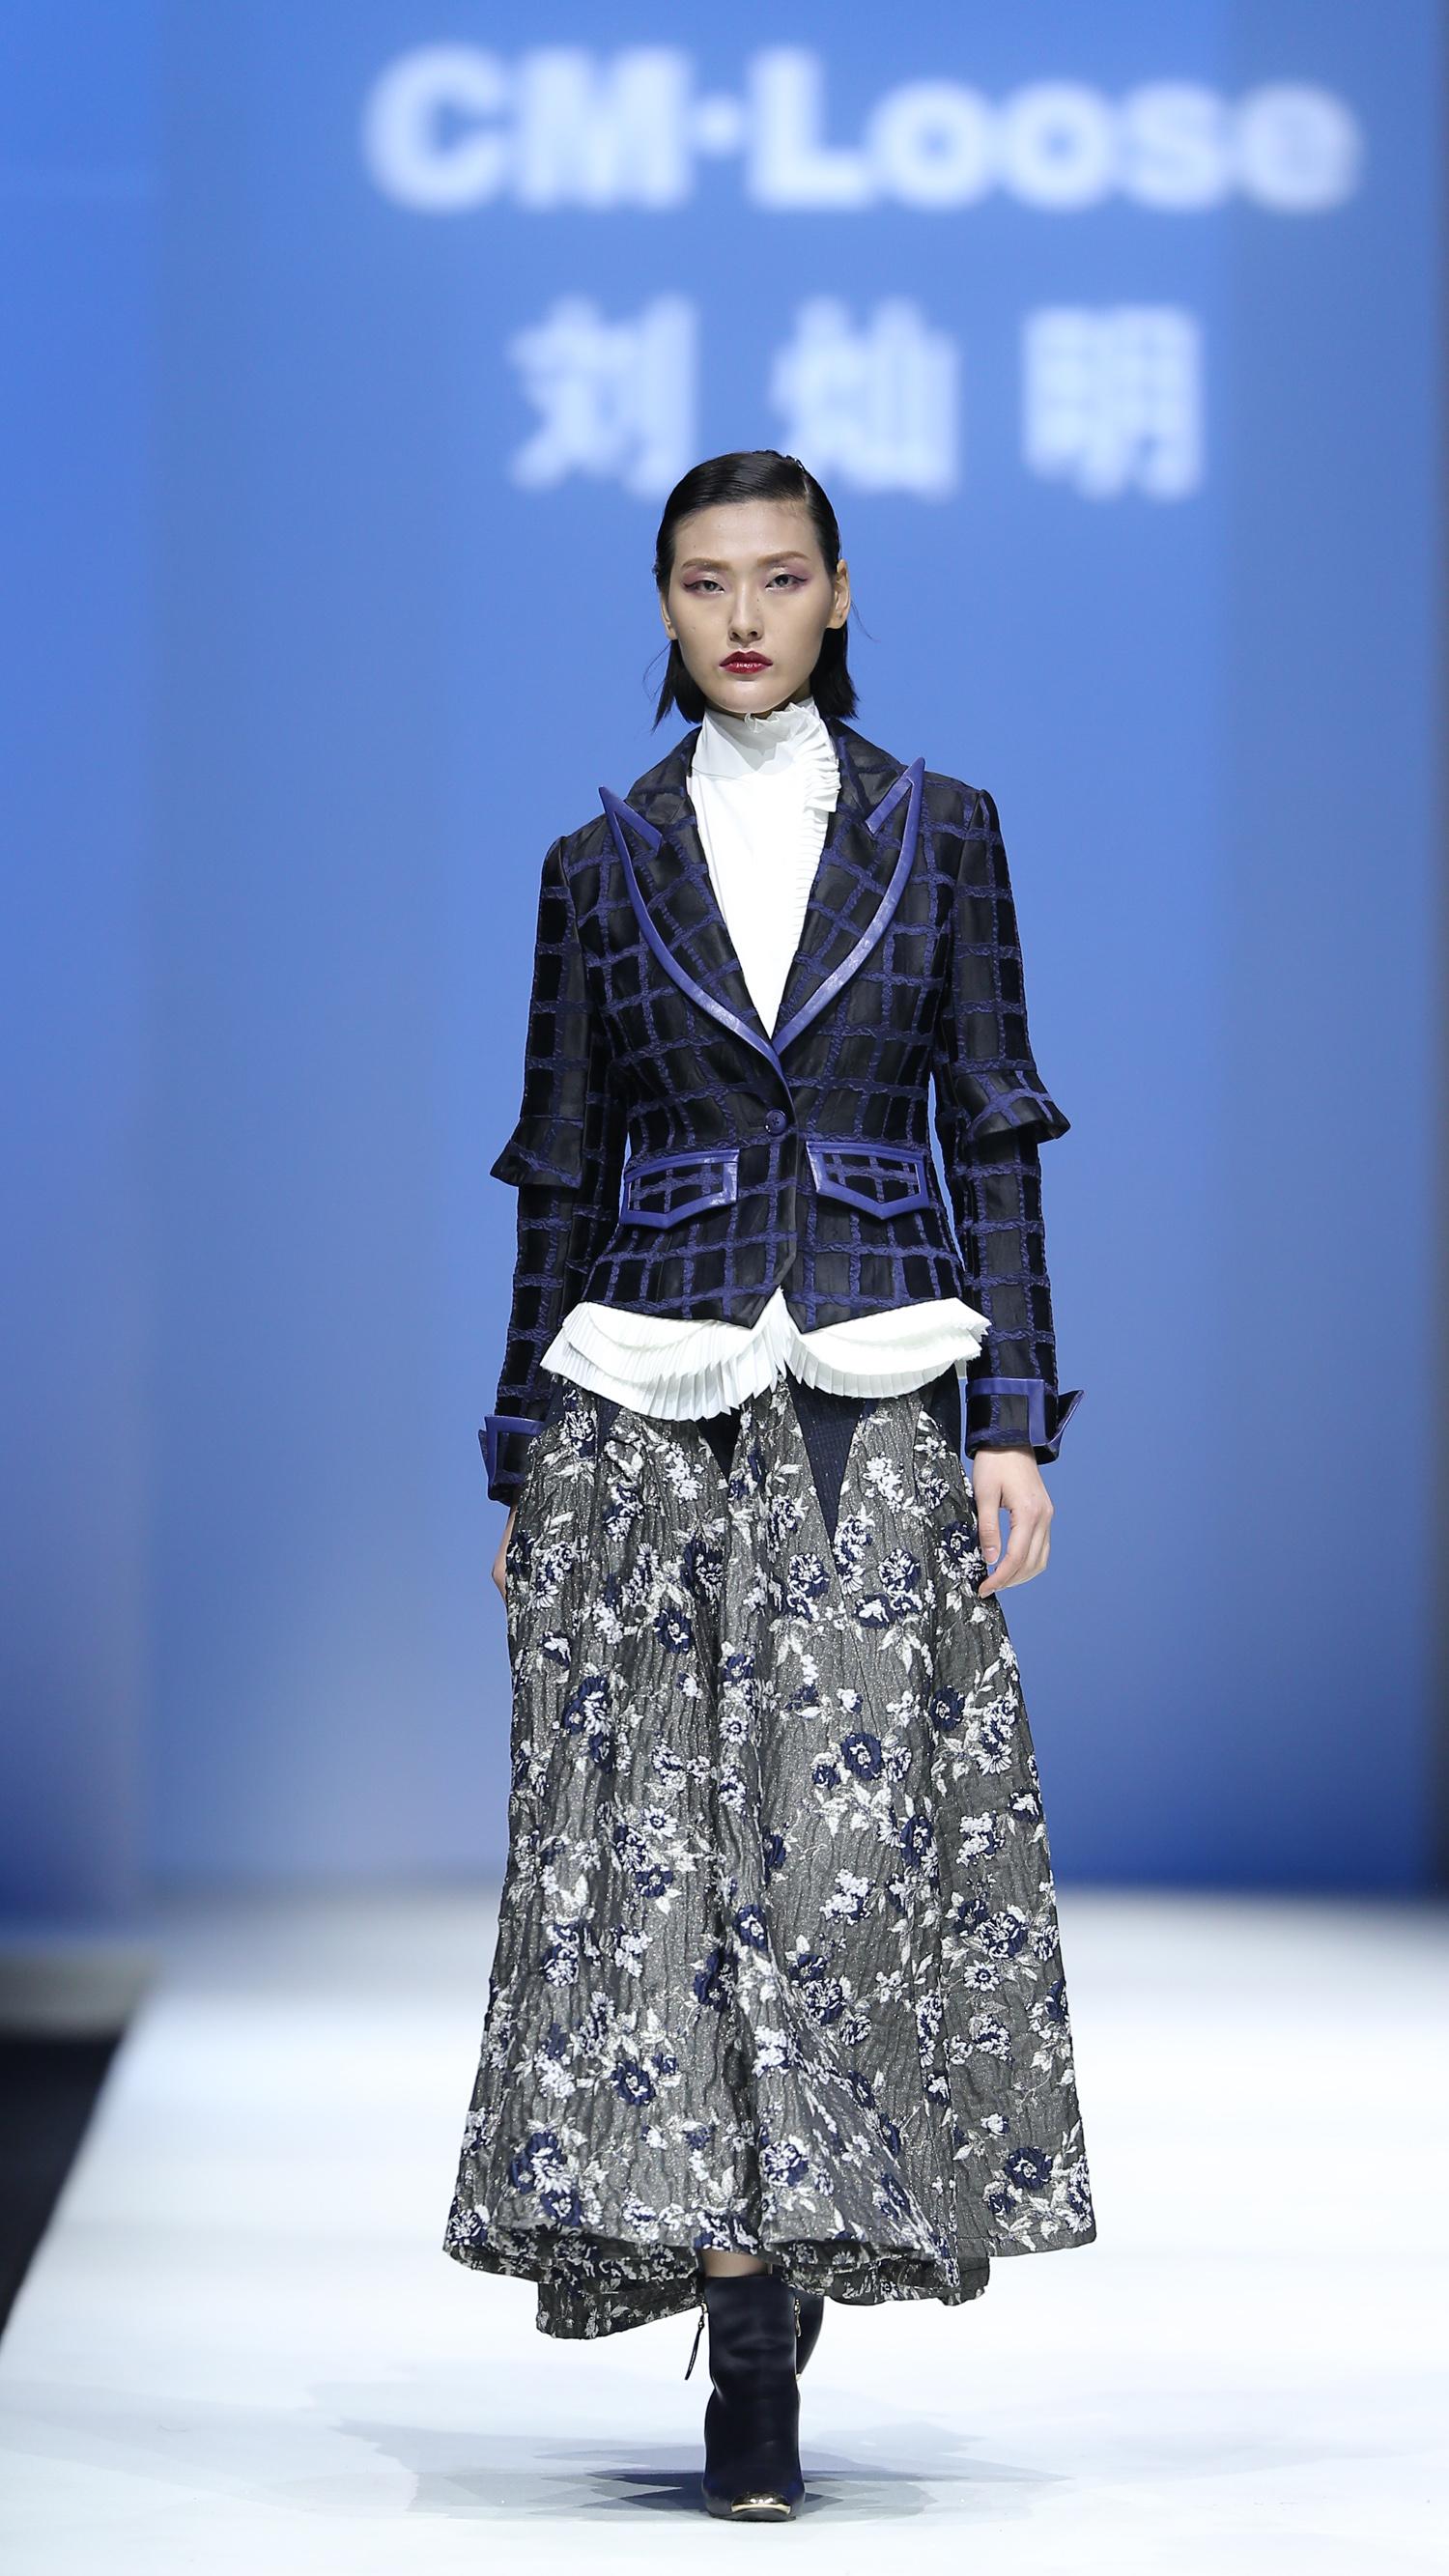 刘灿明现为我校服装与艺术设计学院副教授,中国十佳时装设计师